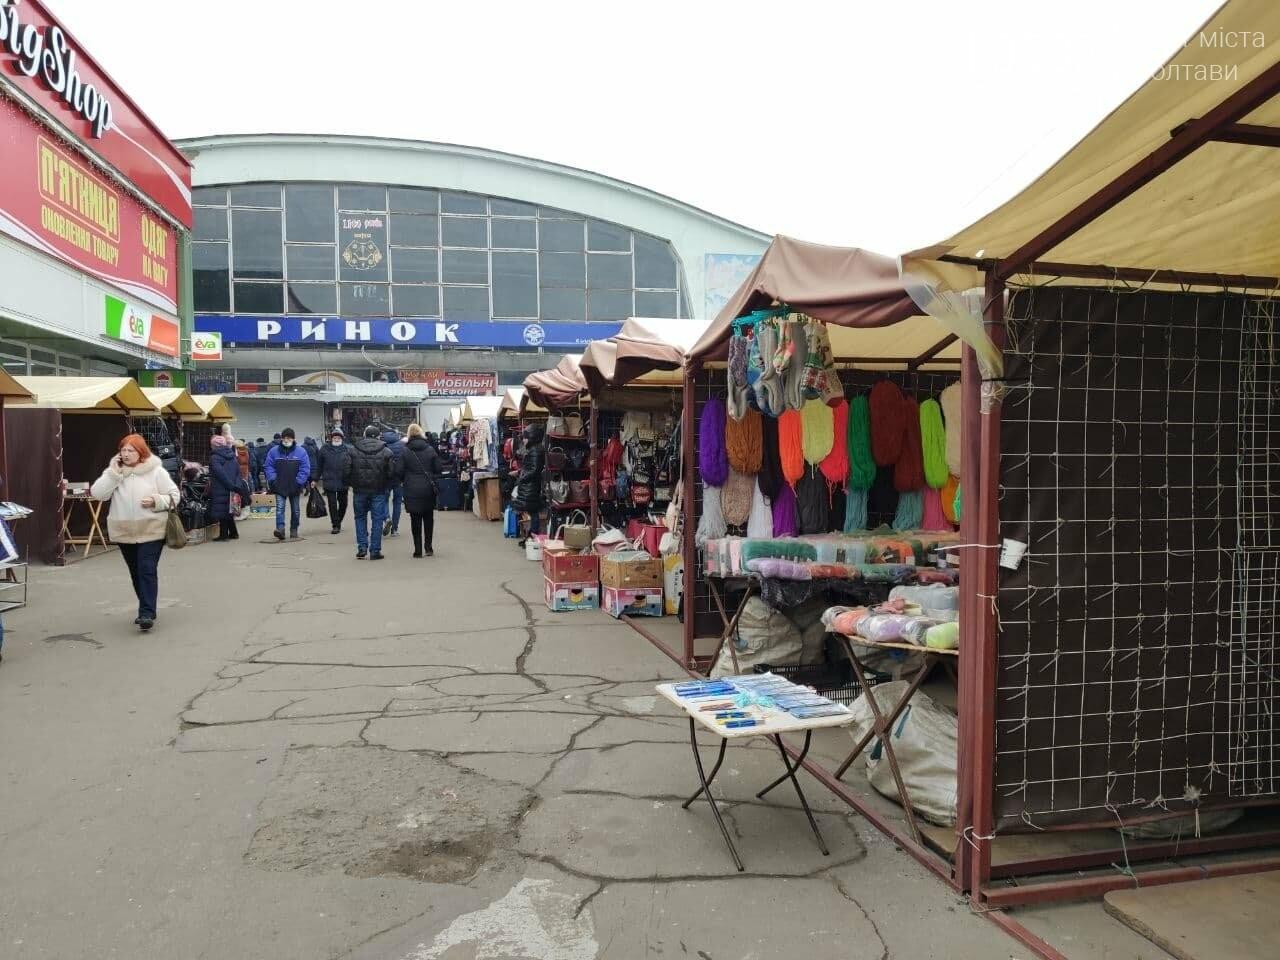 Речовий ринок зачинений, проте одягом усе таки торгують, фото-3